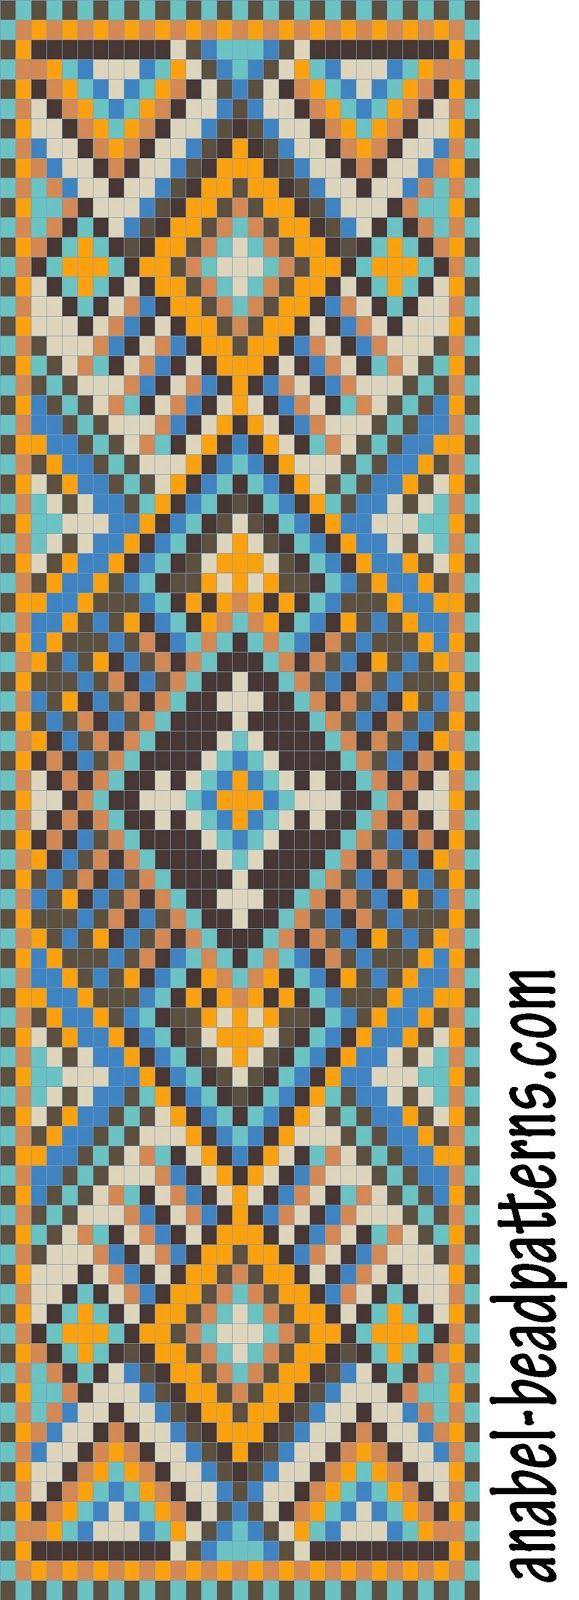 Схема широкого браслета с орнаментом - станочное ткачество / гобеленовое плетение